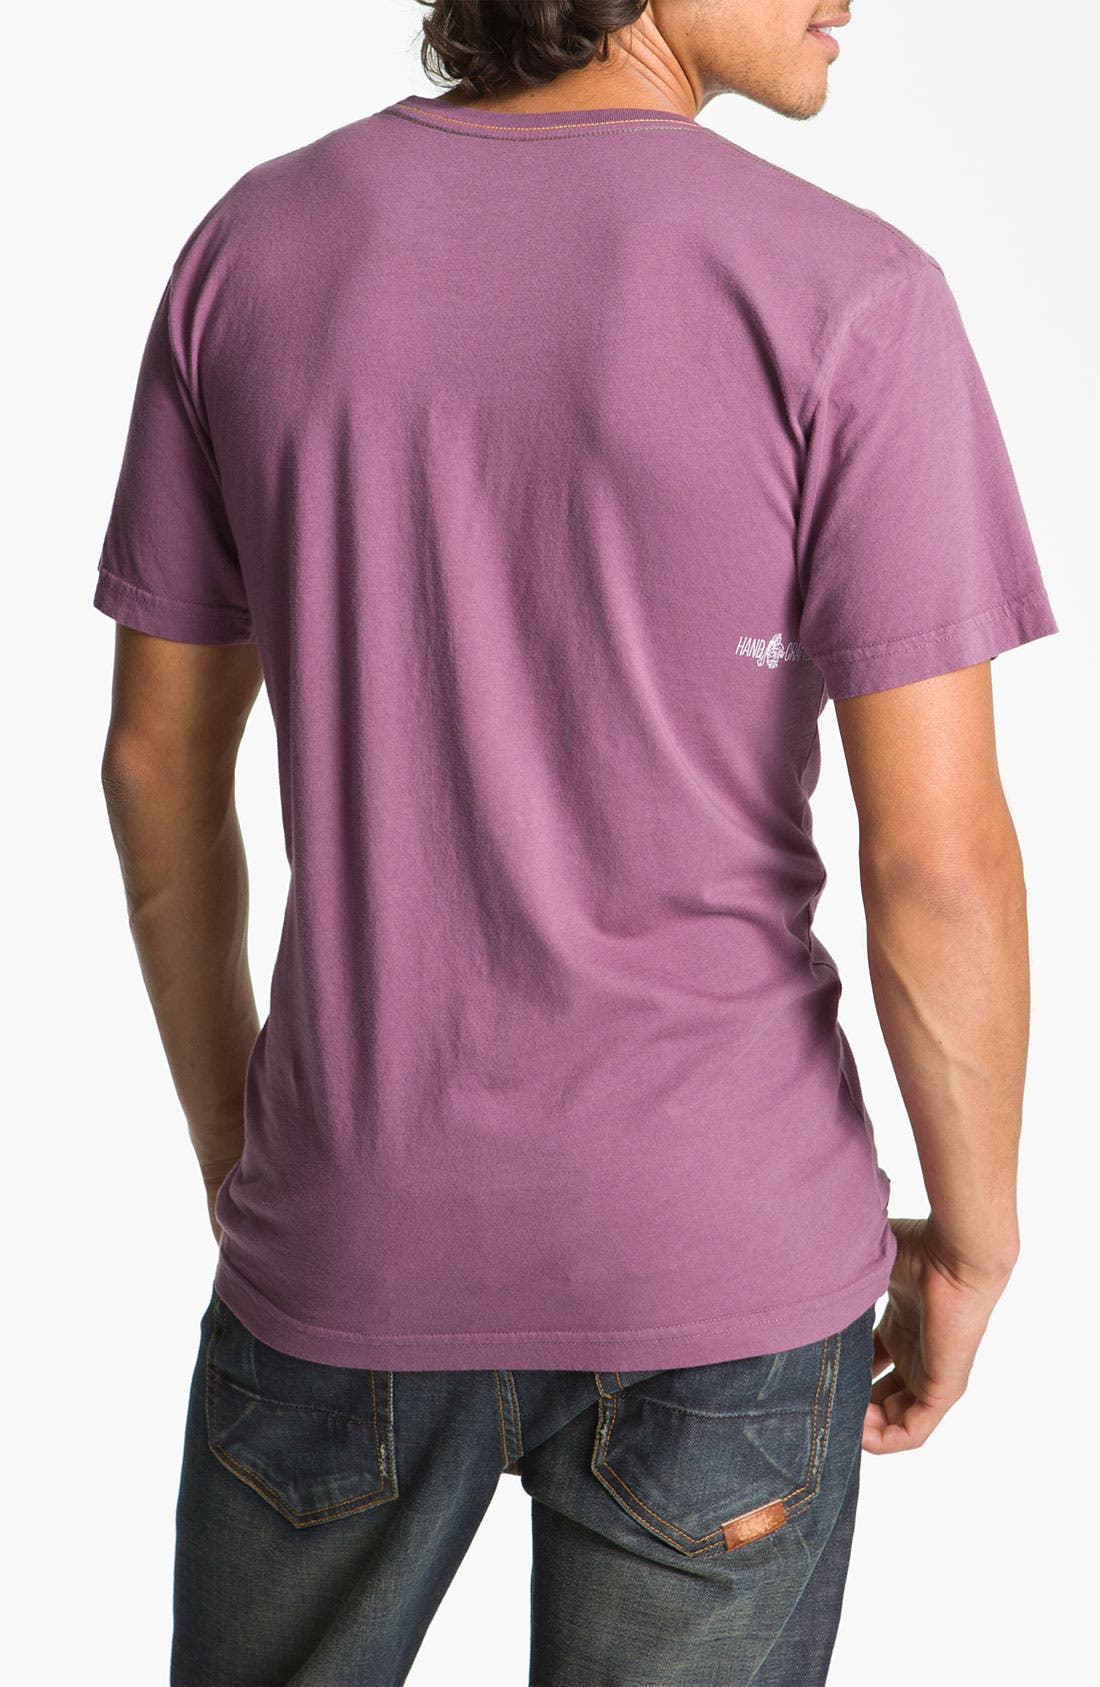 Alternate Image 2  - Katin 'Nose' Graphic T-Shirt